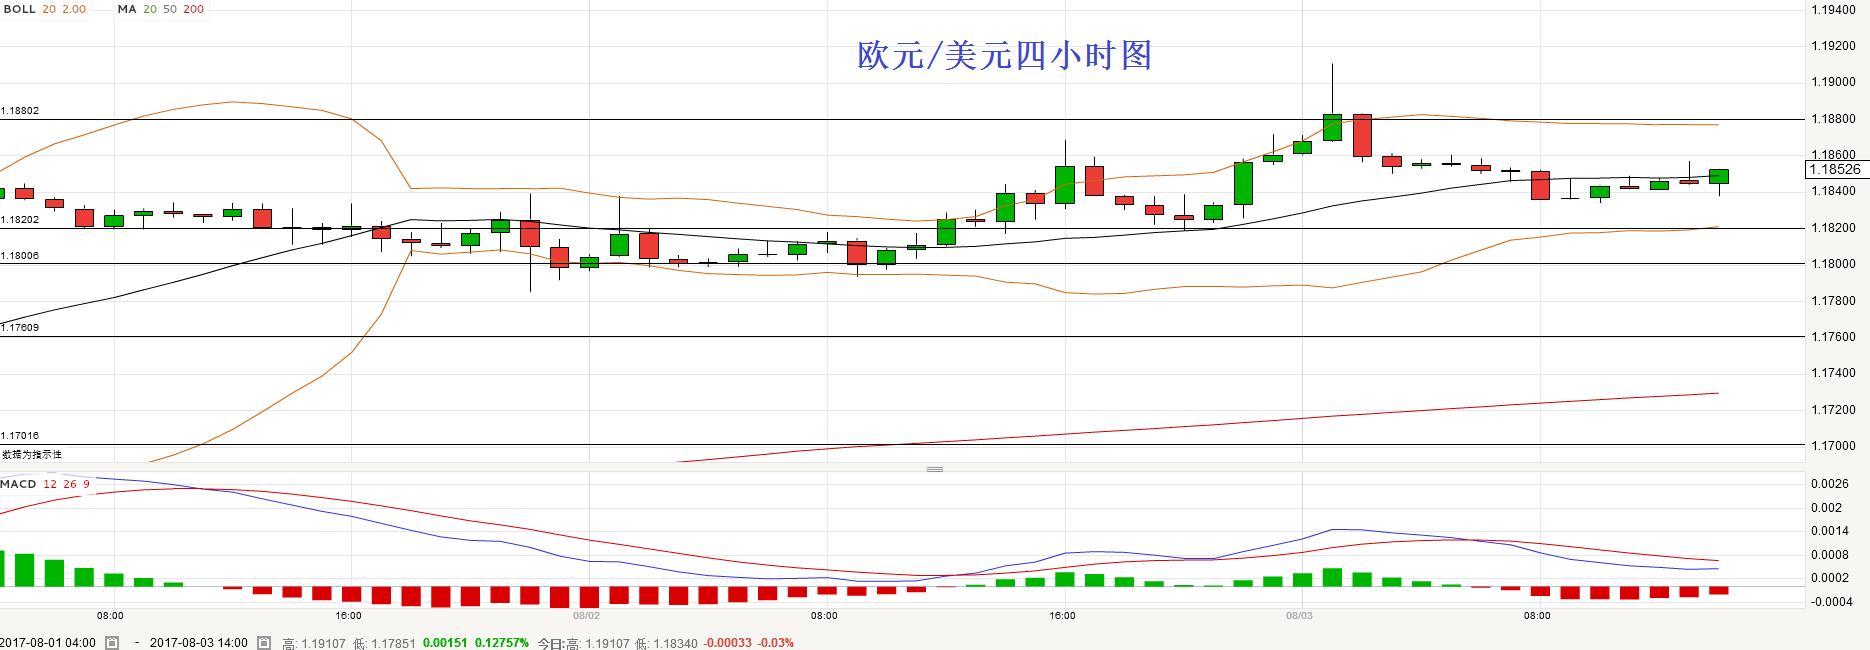 欧元/美元:短线倾向在1.1820上方逢低做多